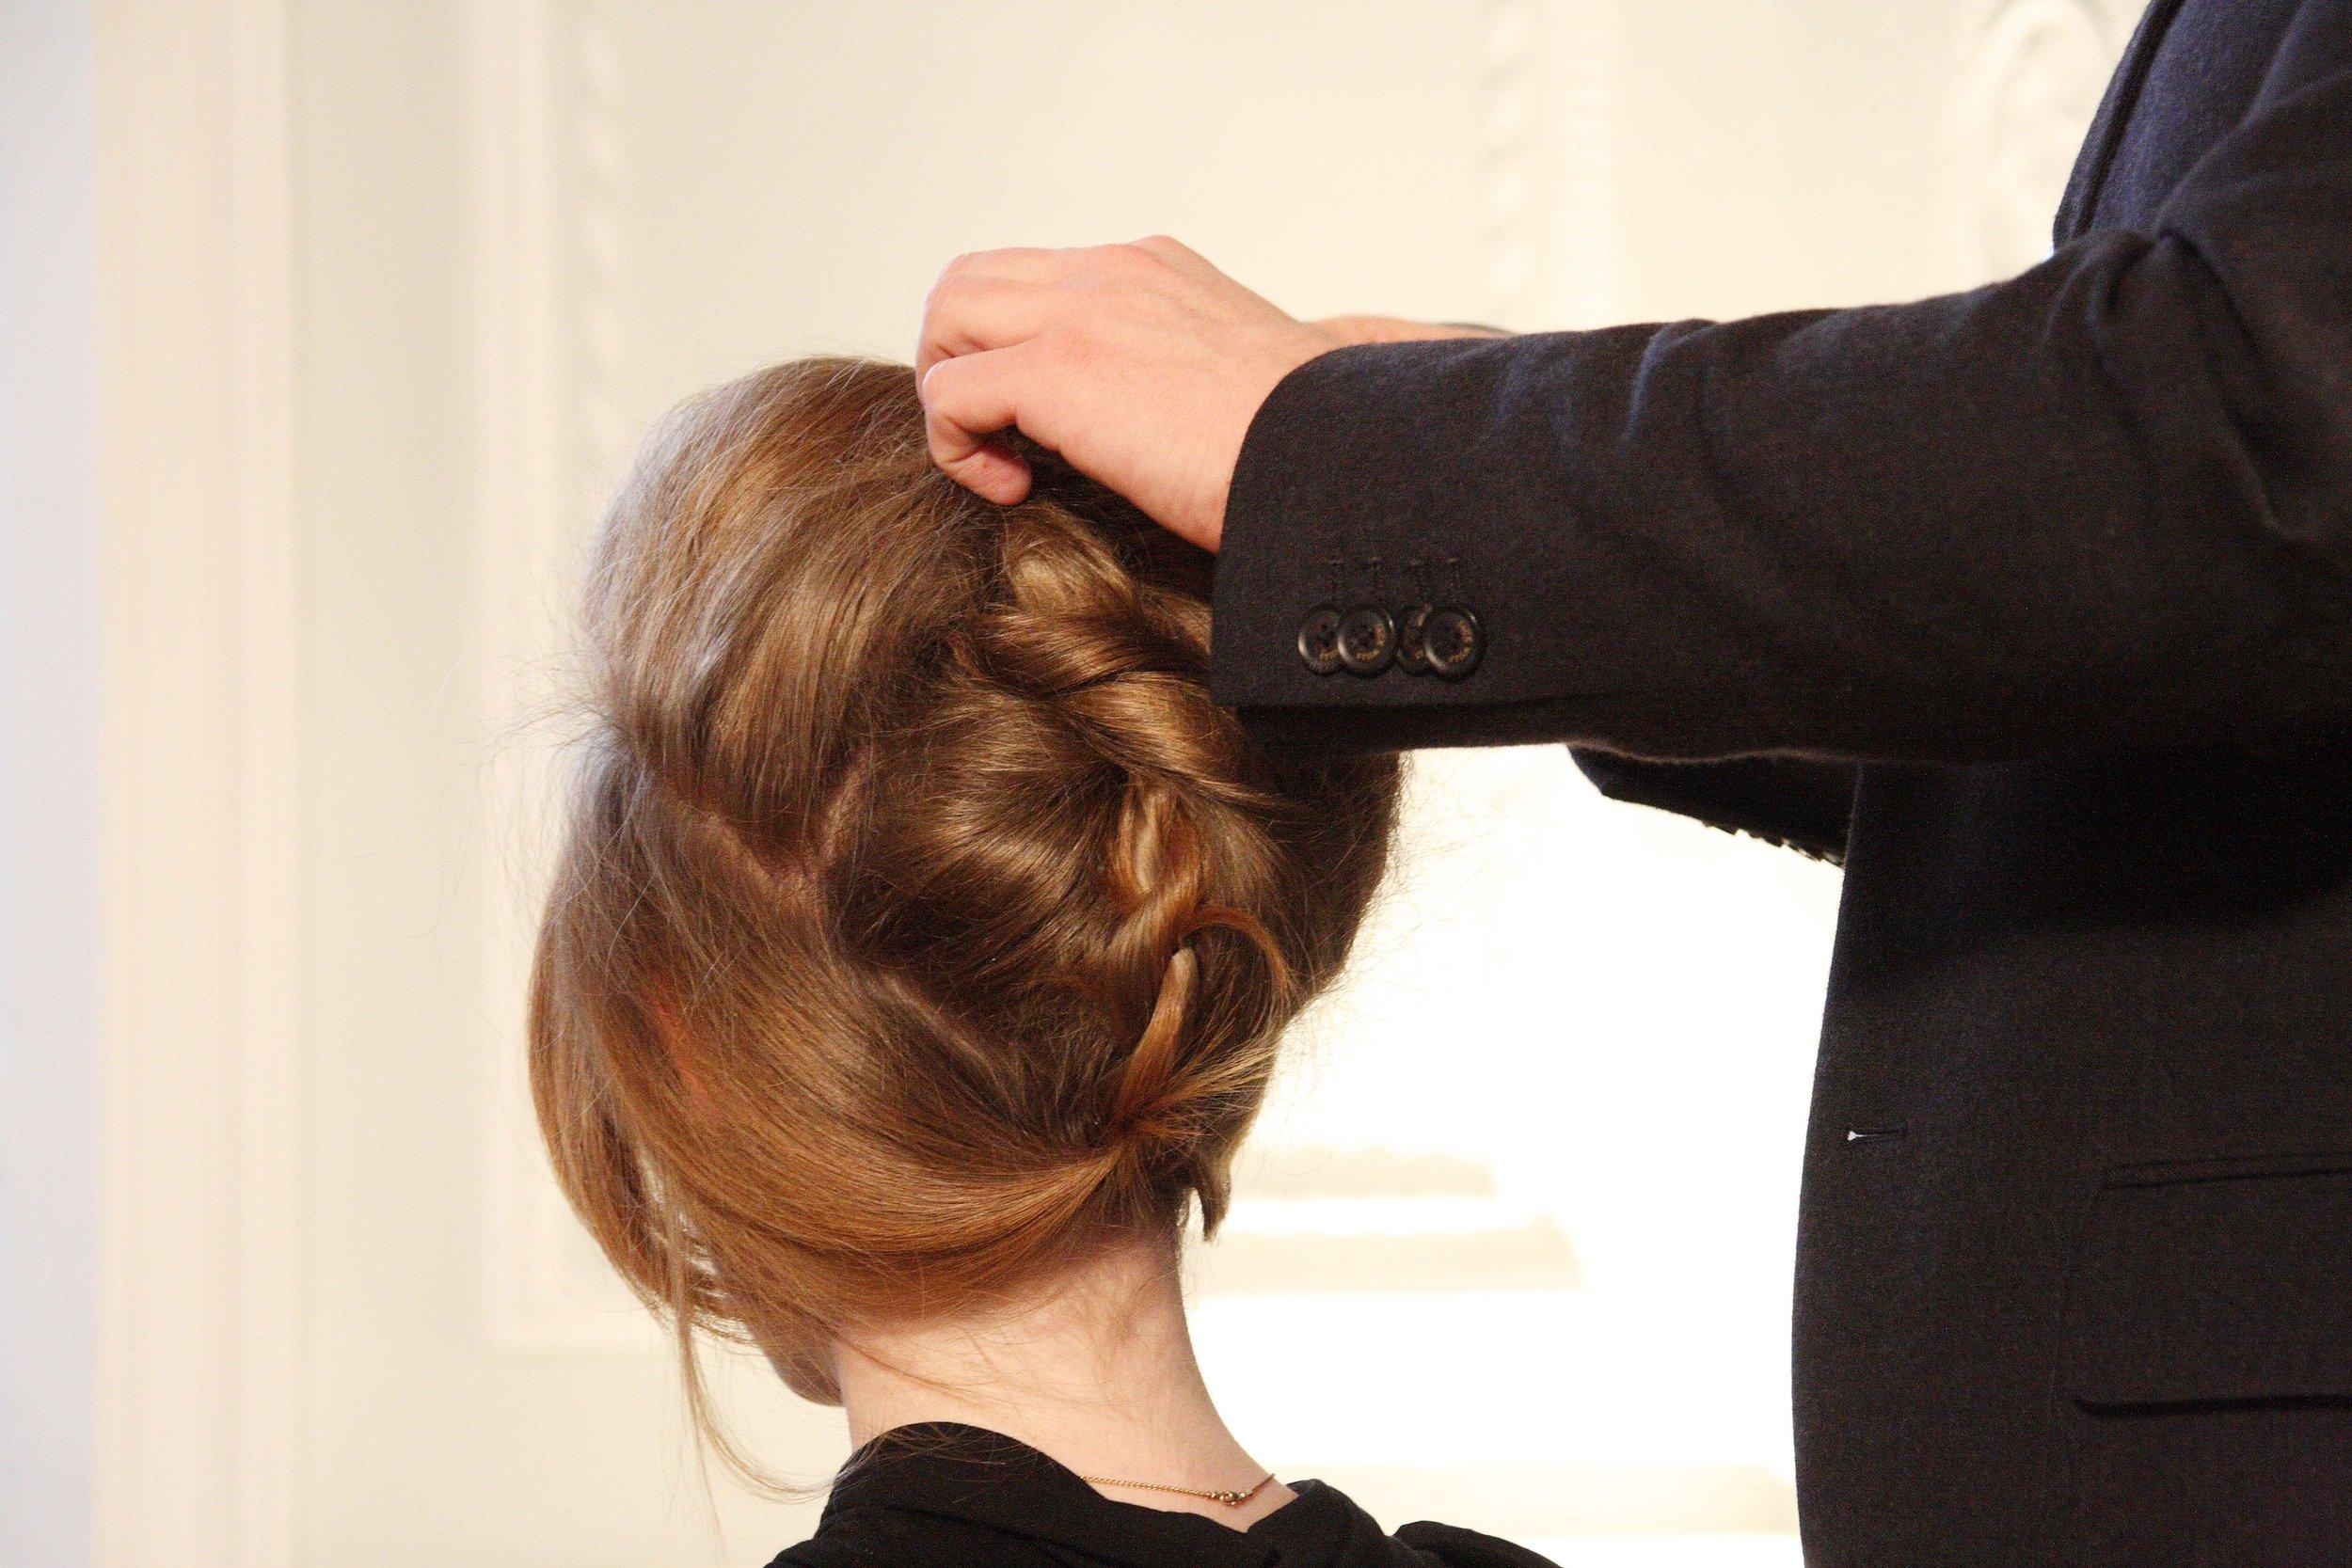 demonstration-hair-model-show-52499.jpg